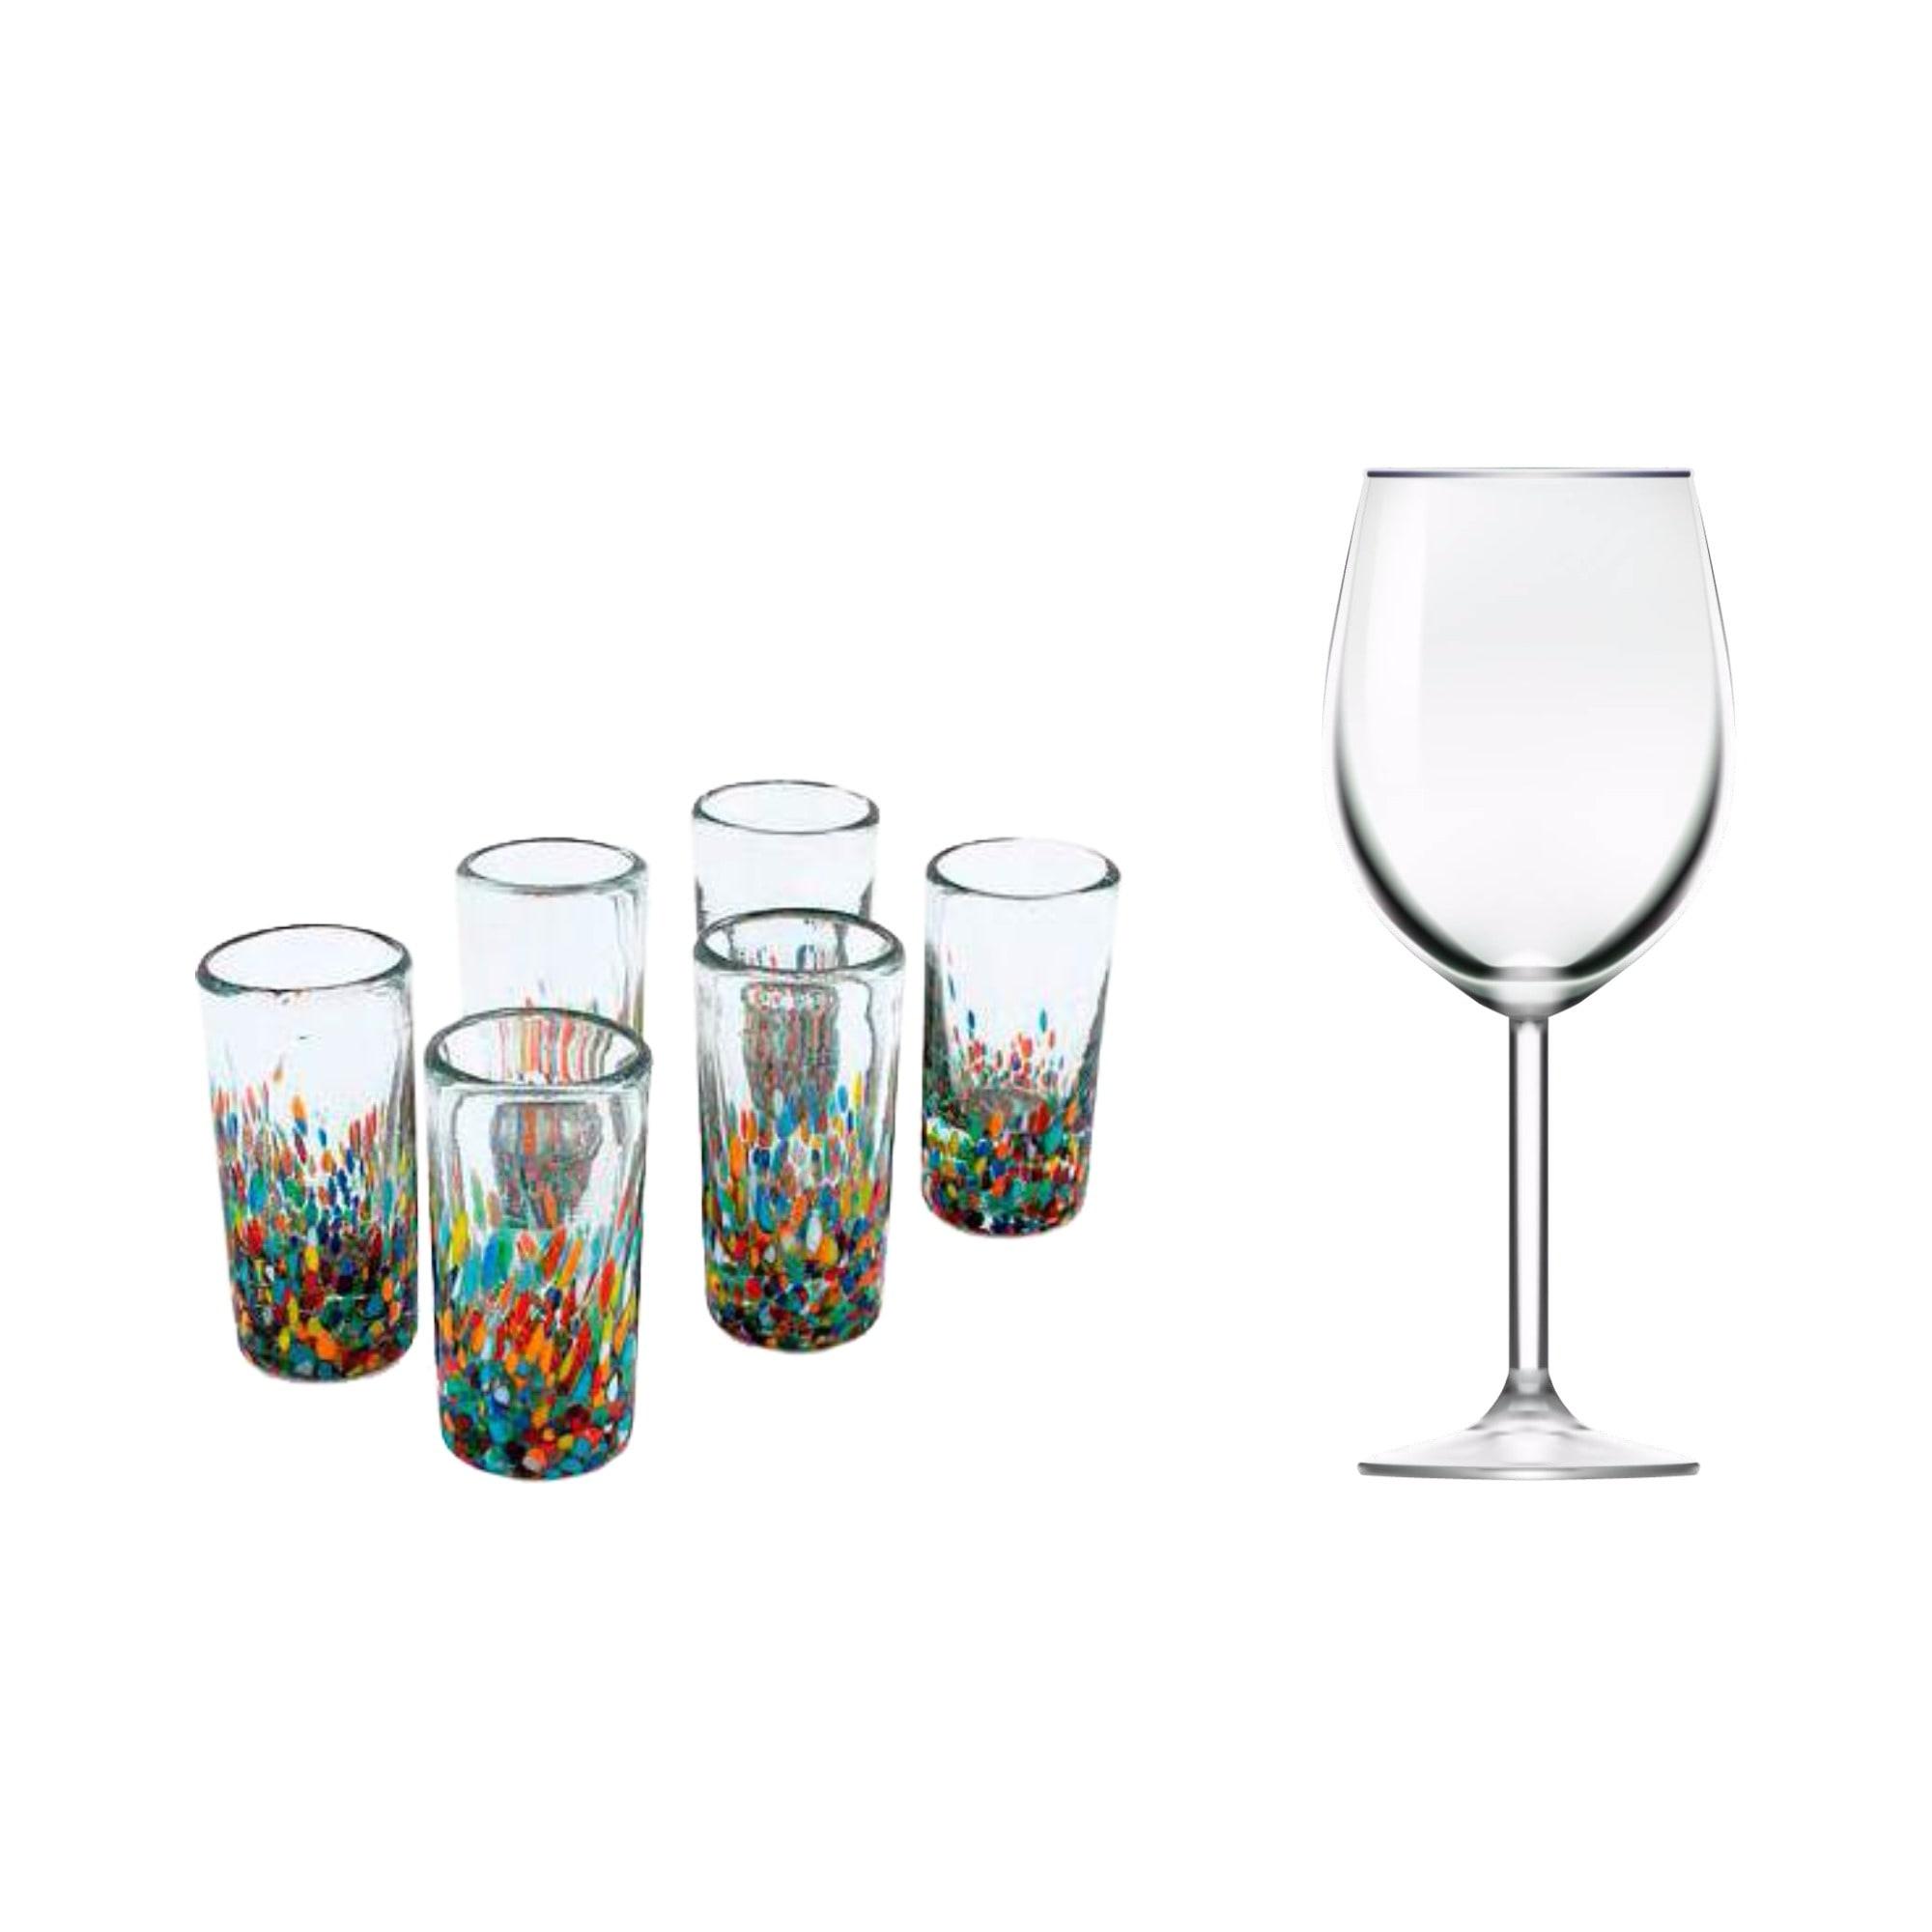 pieces glasses product chairish vaseline decor pour decorative glass antique and shot